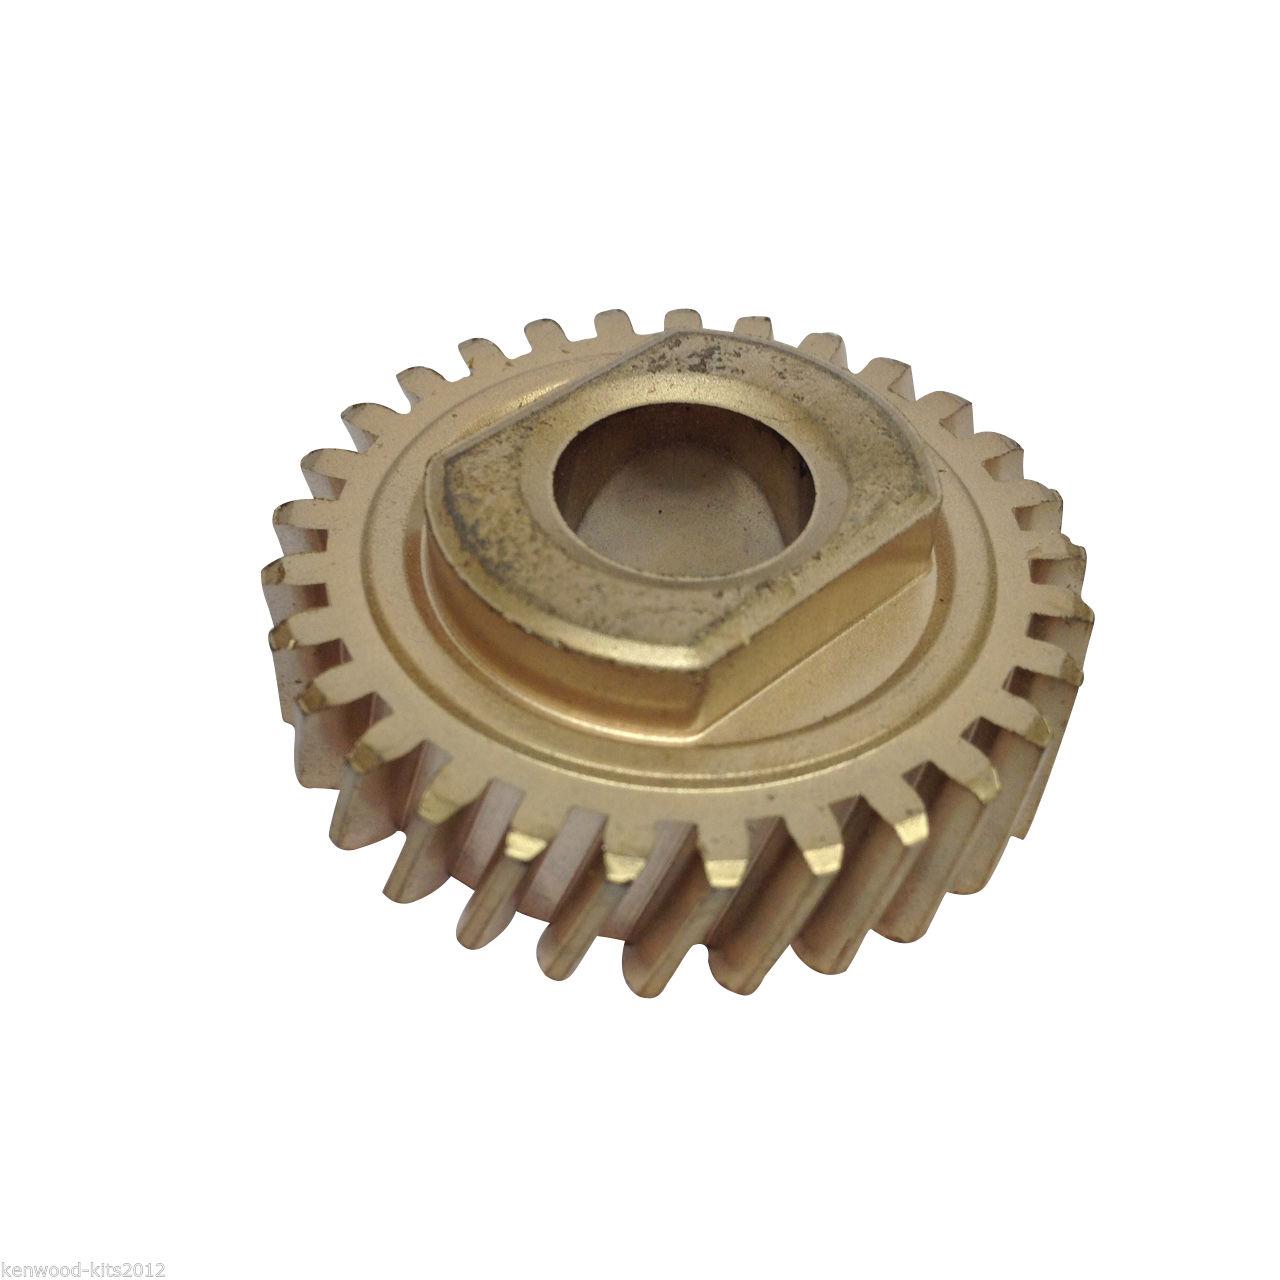 Kitchenaid Mixer 6qt Worm Gear Worm Gear Follower